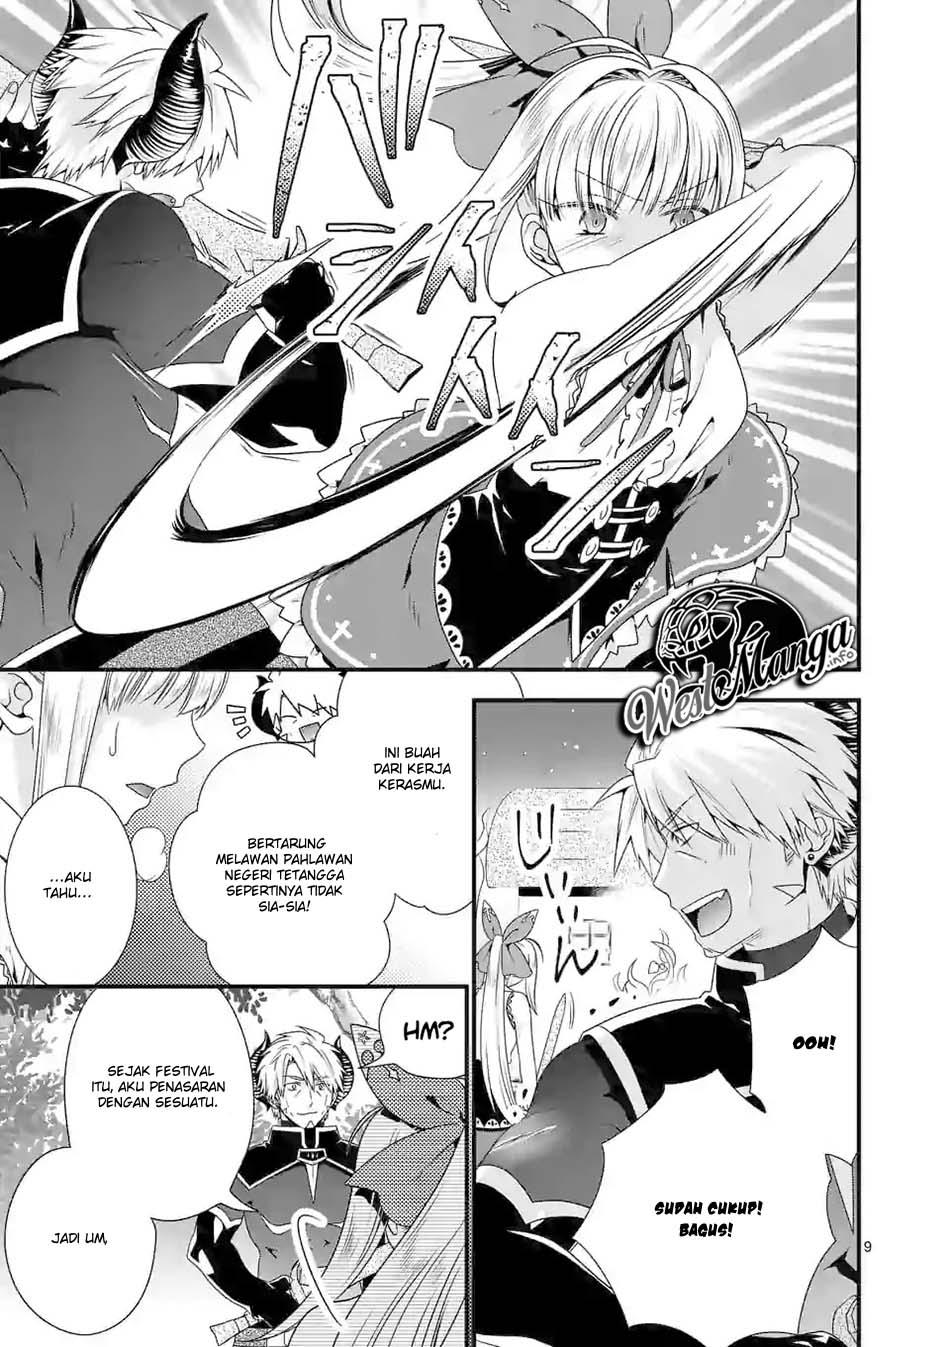 Maou desu Onna Yuusha no Hahaoya to Saikon Shita no de Onna Yuusha ga Giri no Musume ni Narimashita: Chapter 30 - Page 10